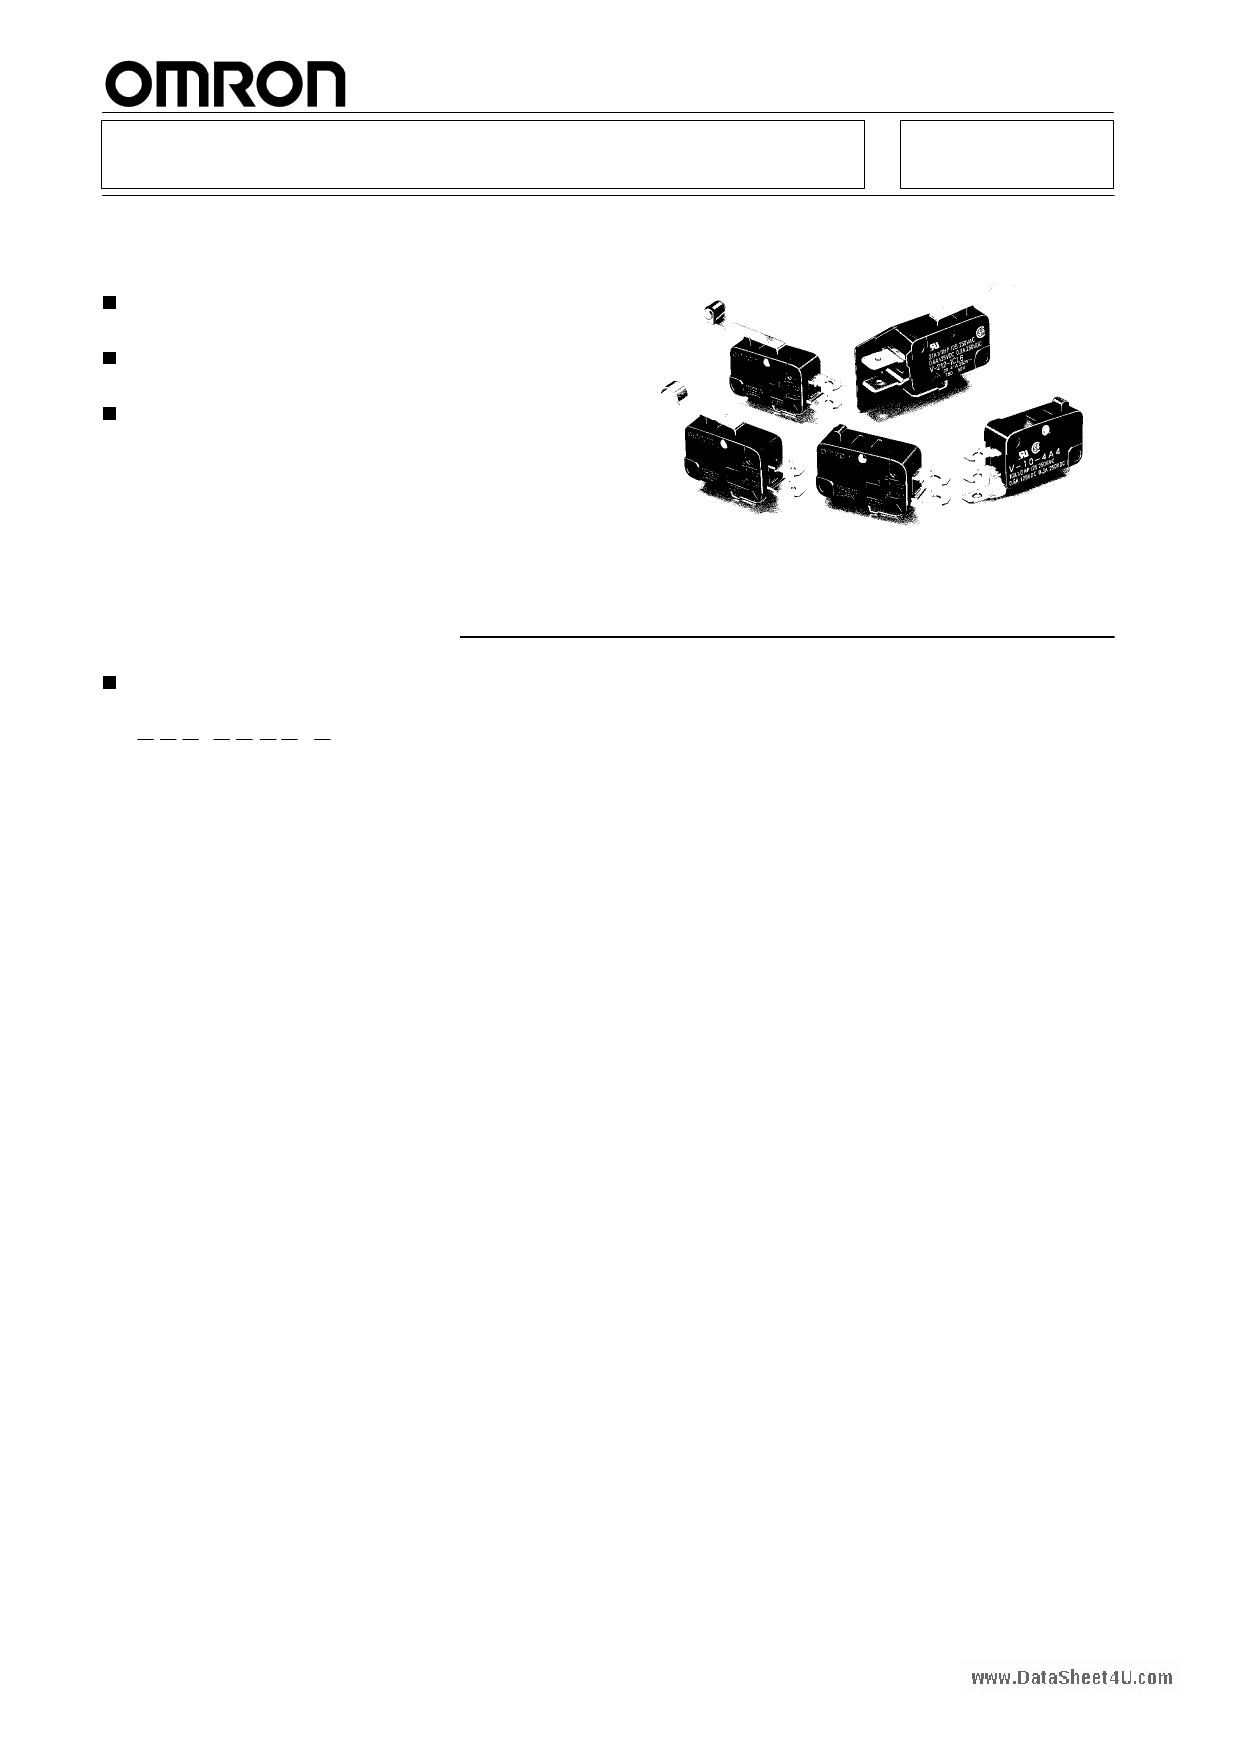 V-155-xxx datasheet